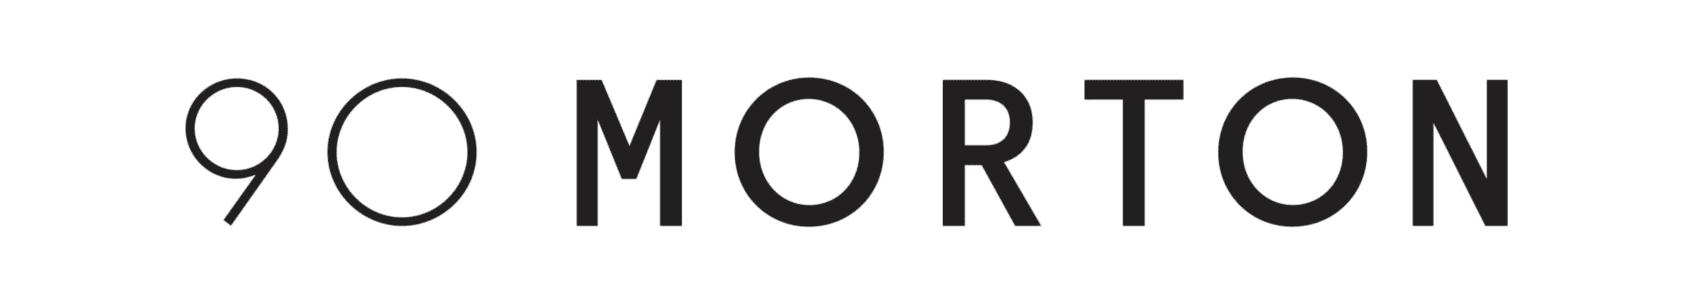 Reuveni Real Estate - Agents